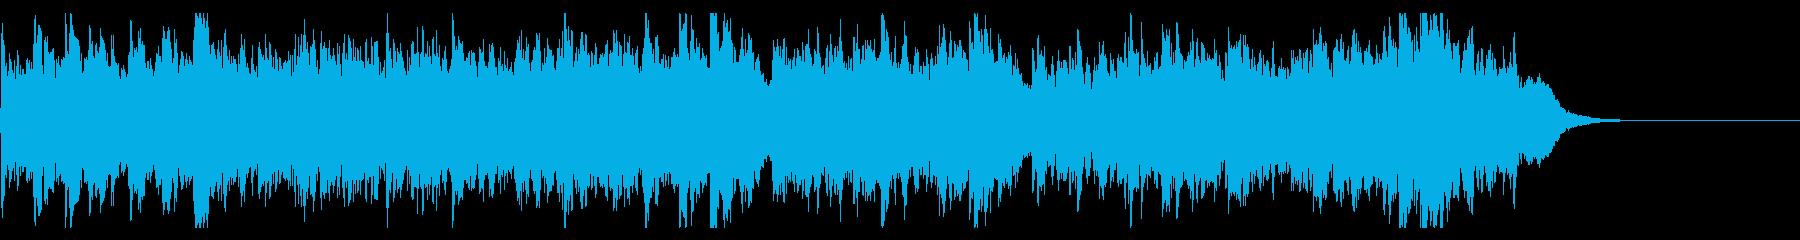 クリスマスのスタンダードナンバーの再生済みの波形